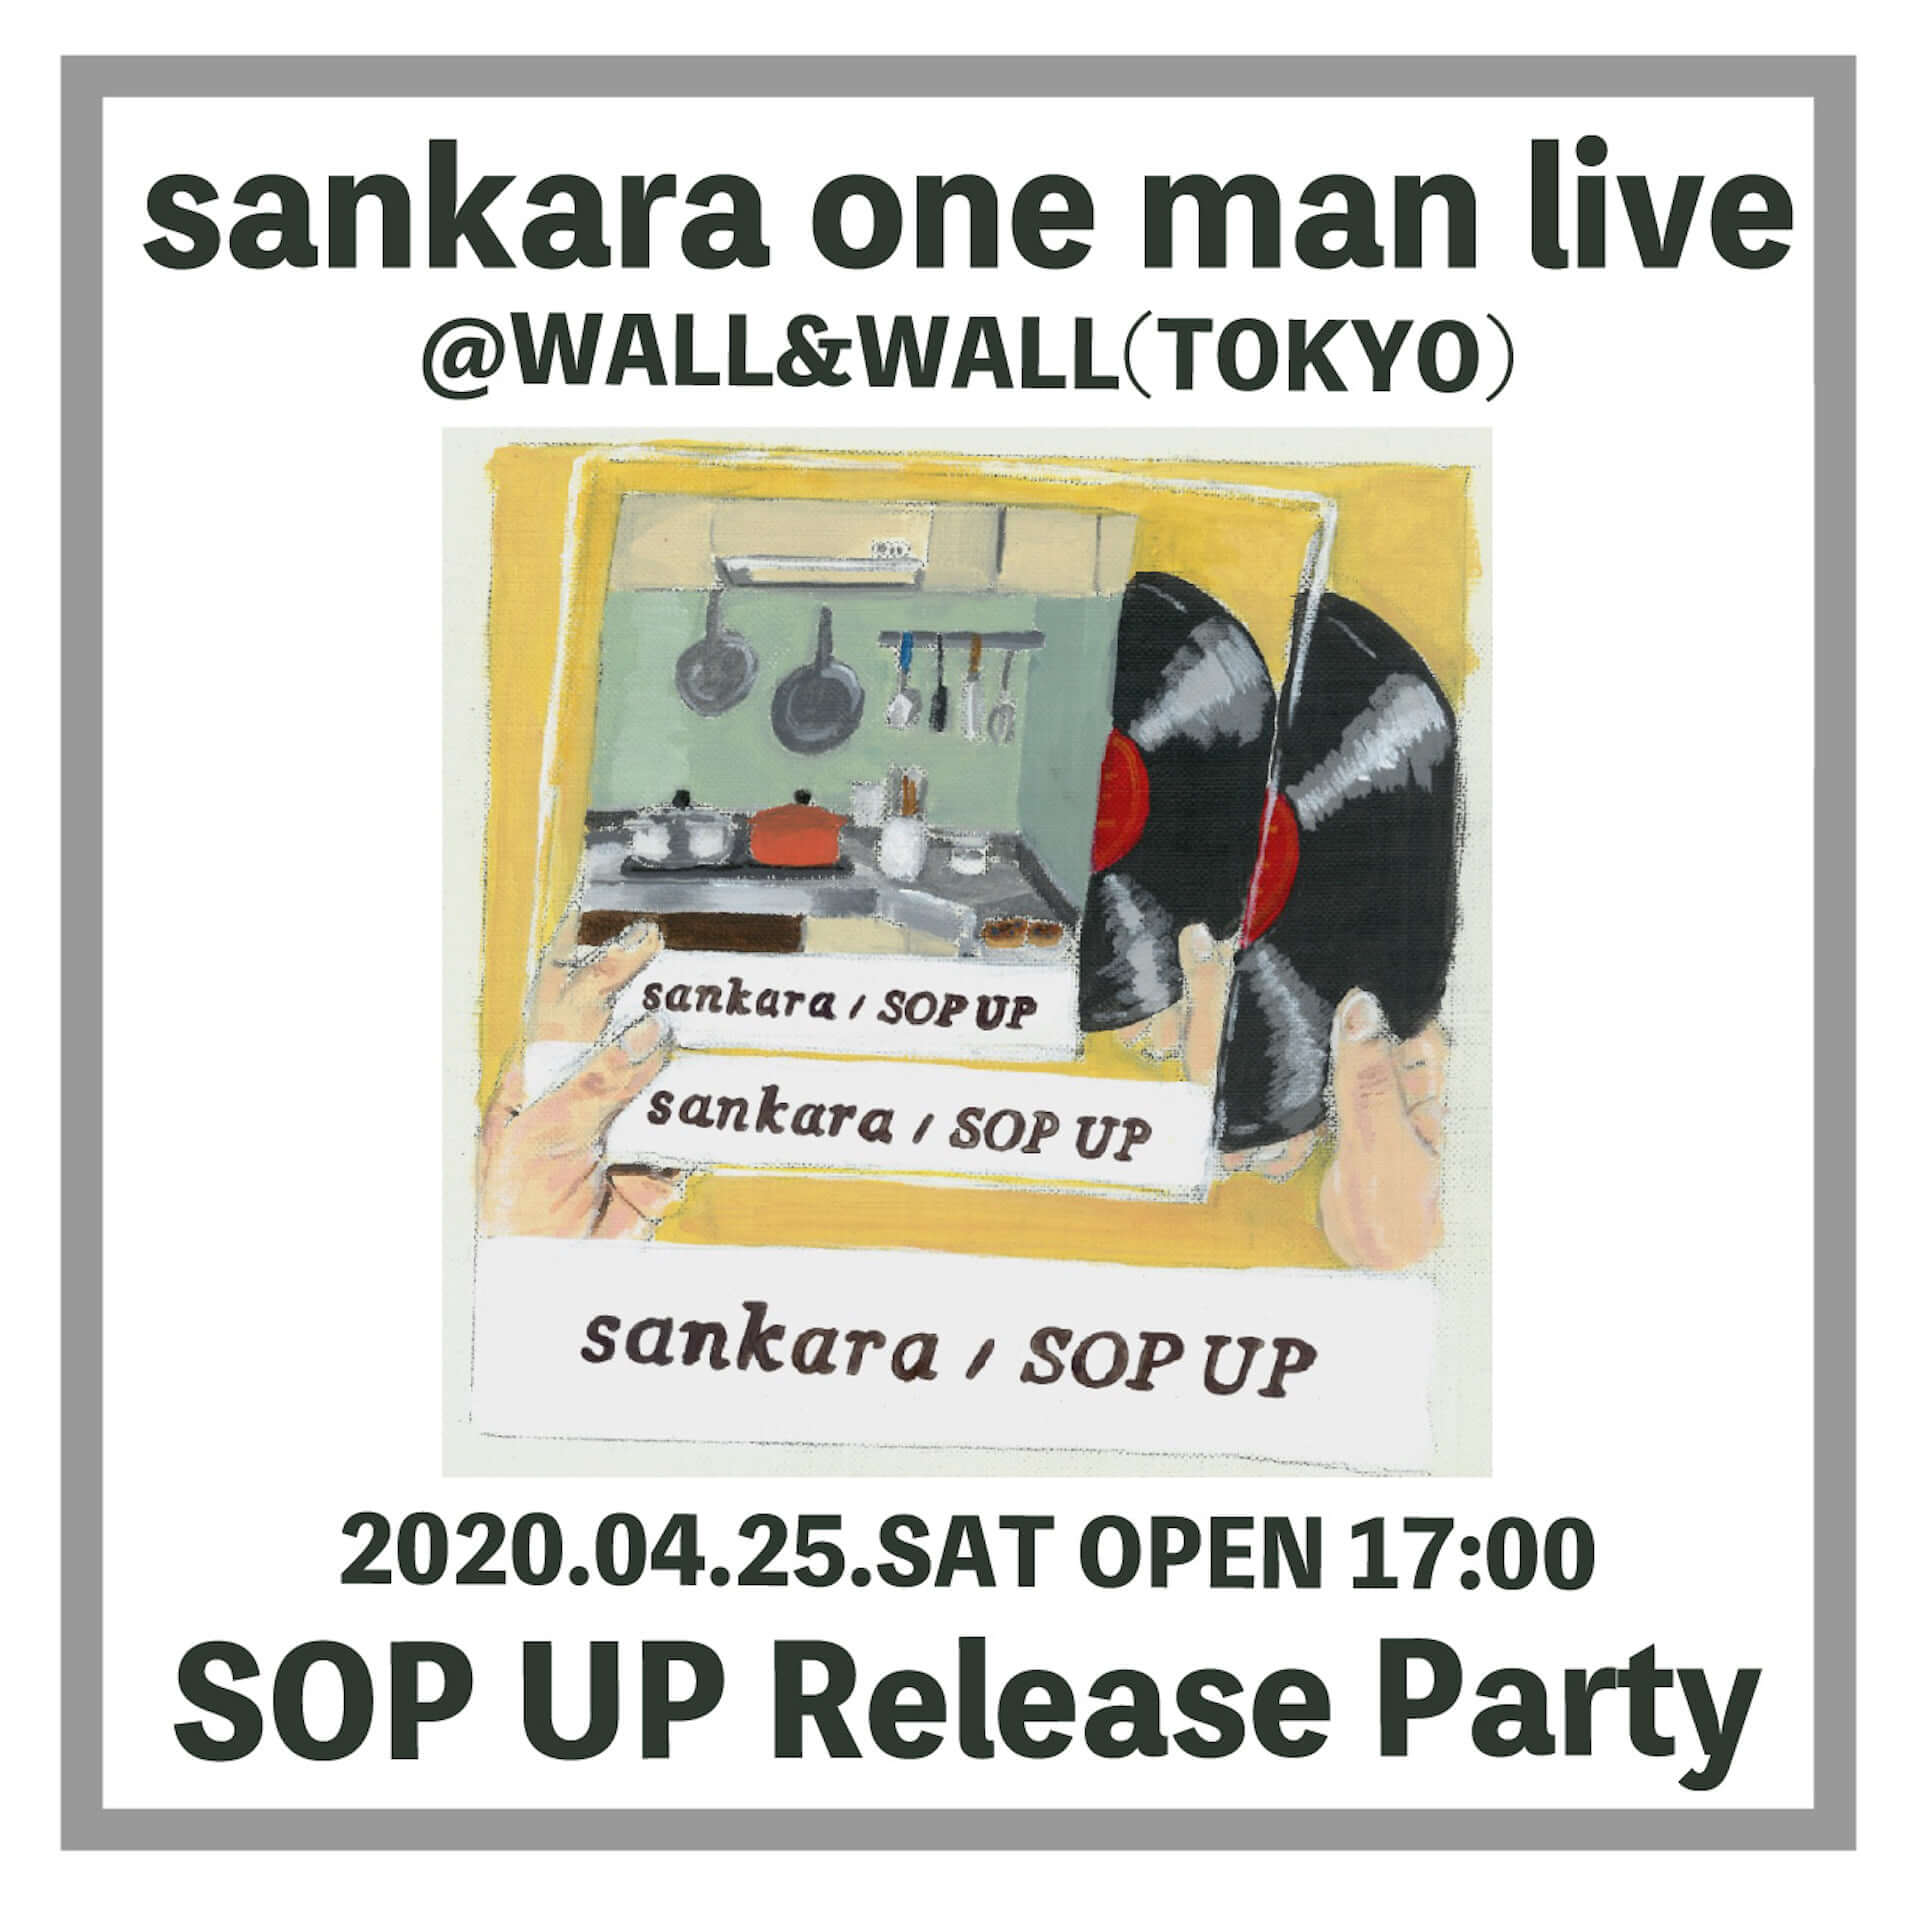 ストリートなイベント【東京】SOP UP release party sankaraがセカンドEP『SOP UP』を3月にリリース!